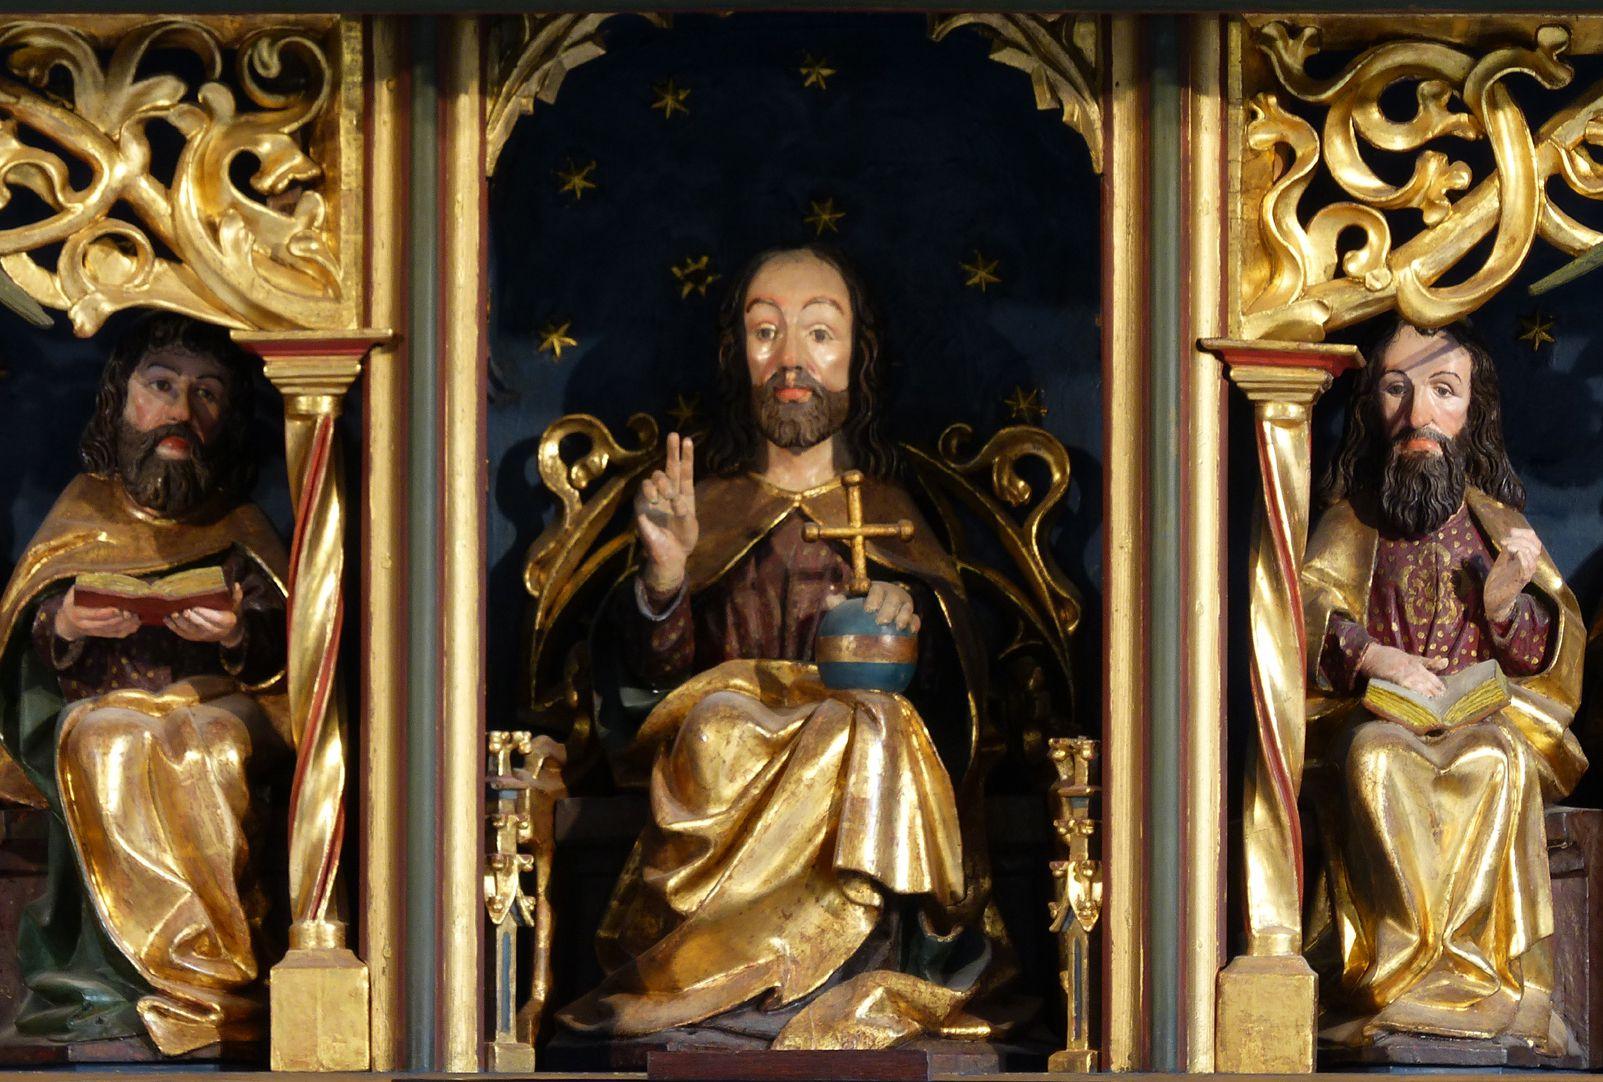 Zwickauer Hochaltarretabel Predella, Schnitzwerk, Mittelteil mit Christus